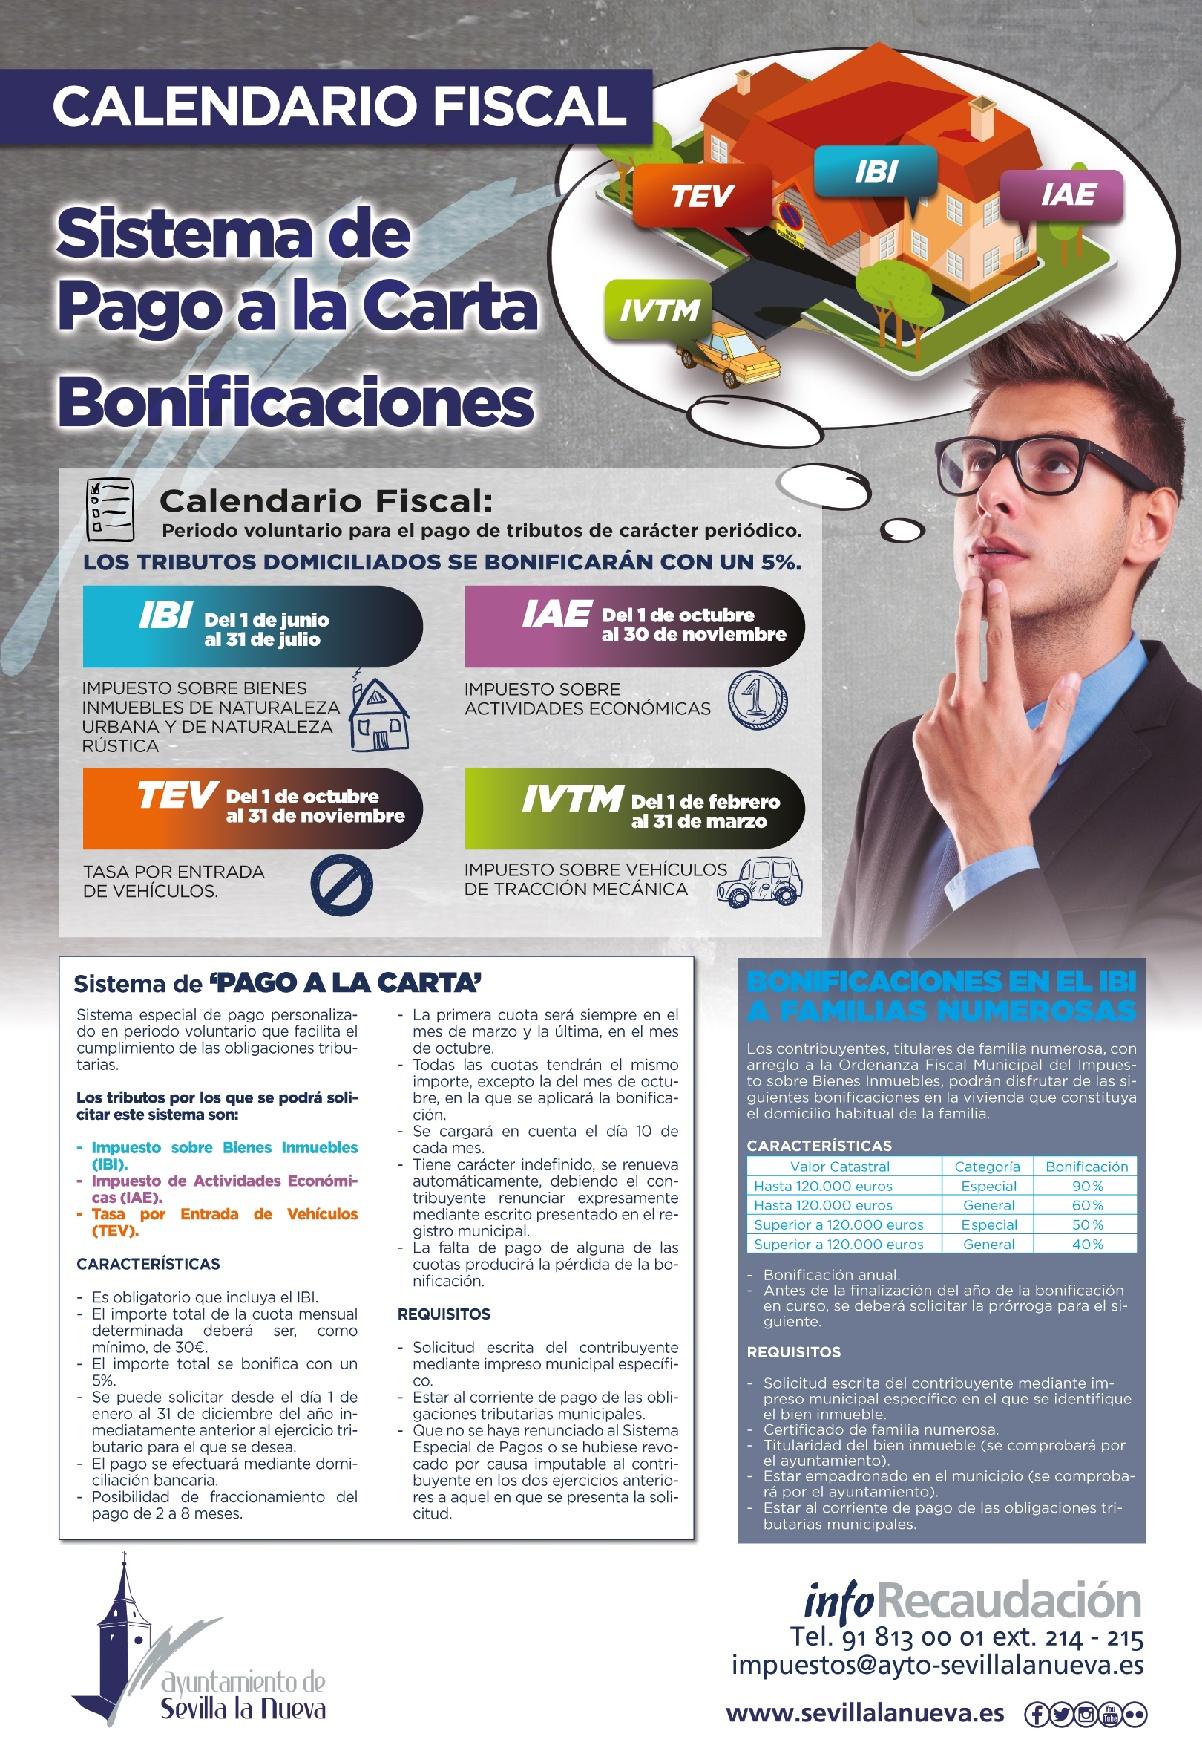 171110 Cartel calendario fiscal WEB